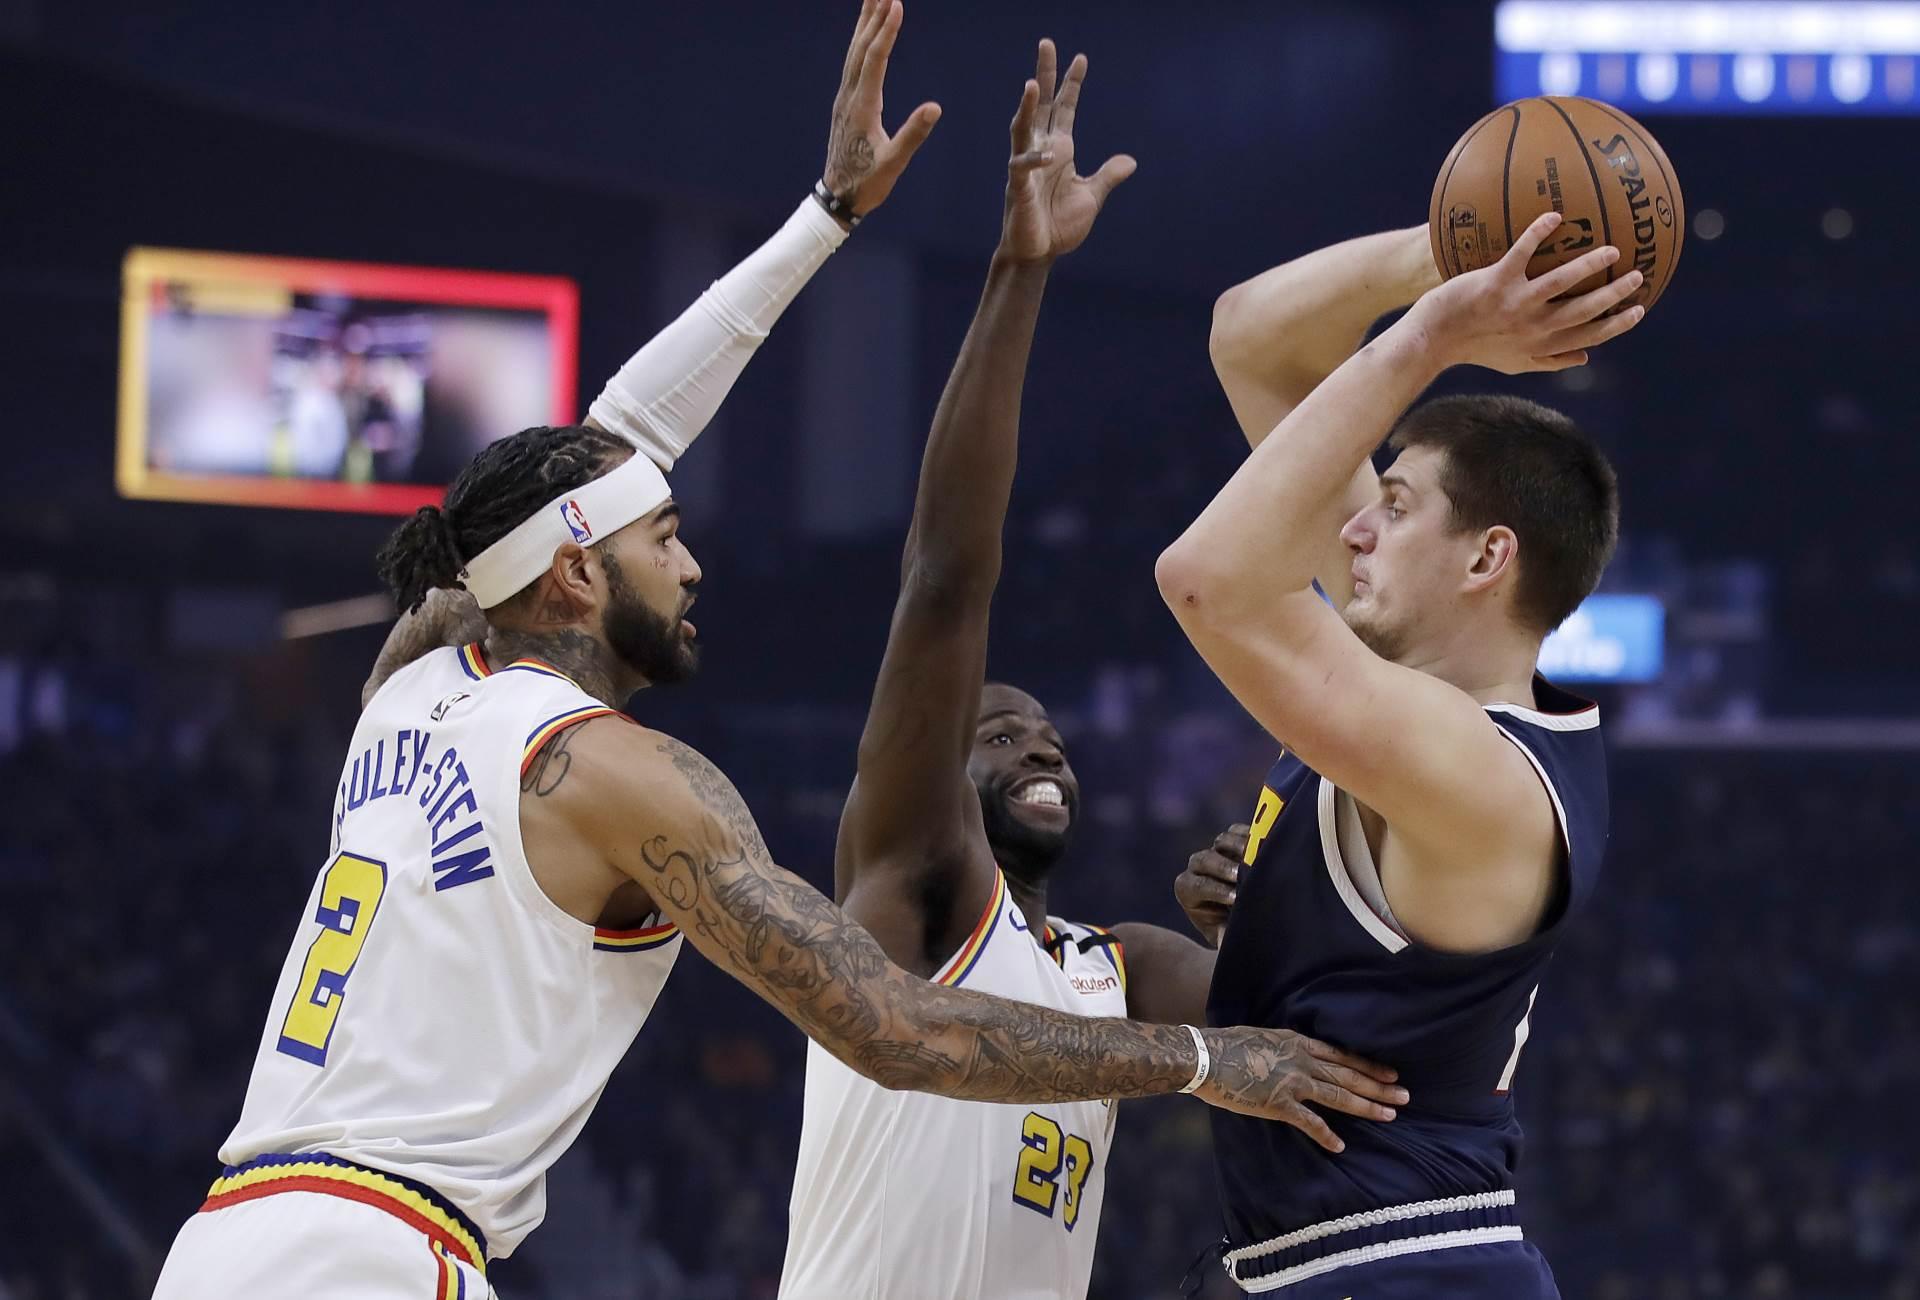 НБА: Јокиќ е јунакот против Вориорси, Јанис со Милвоки го доби дербито на Истокот (видео)